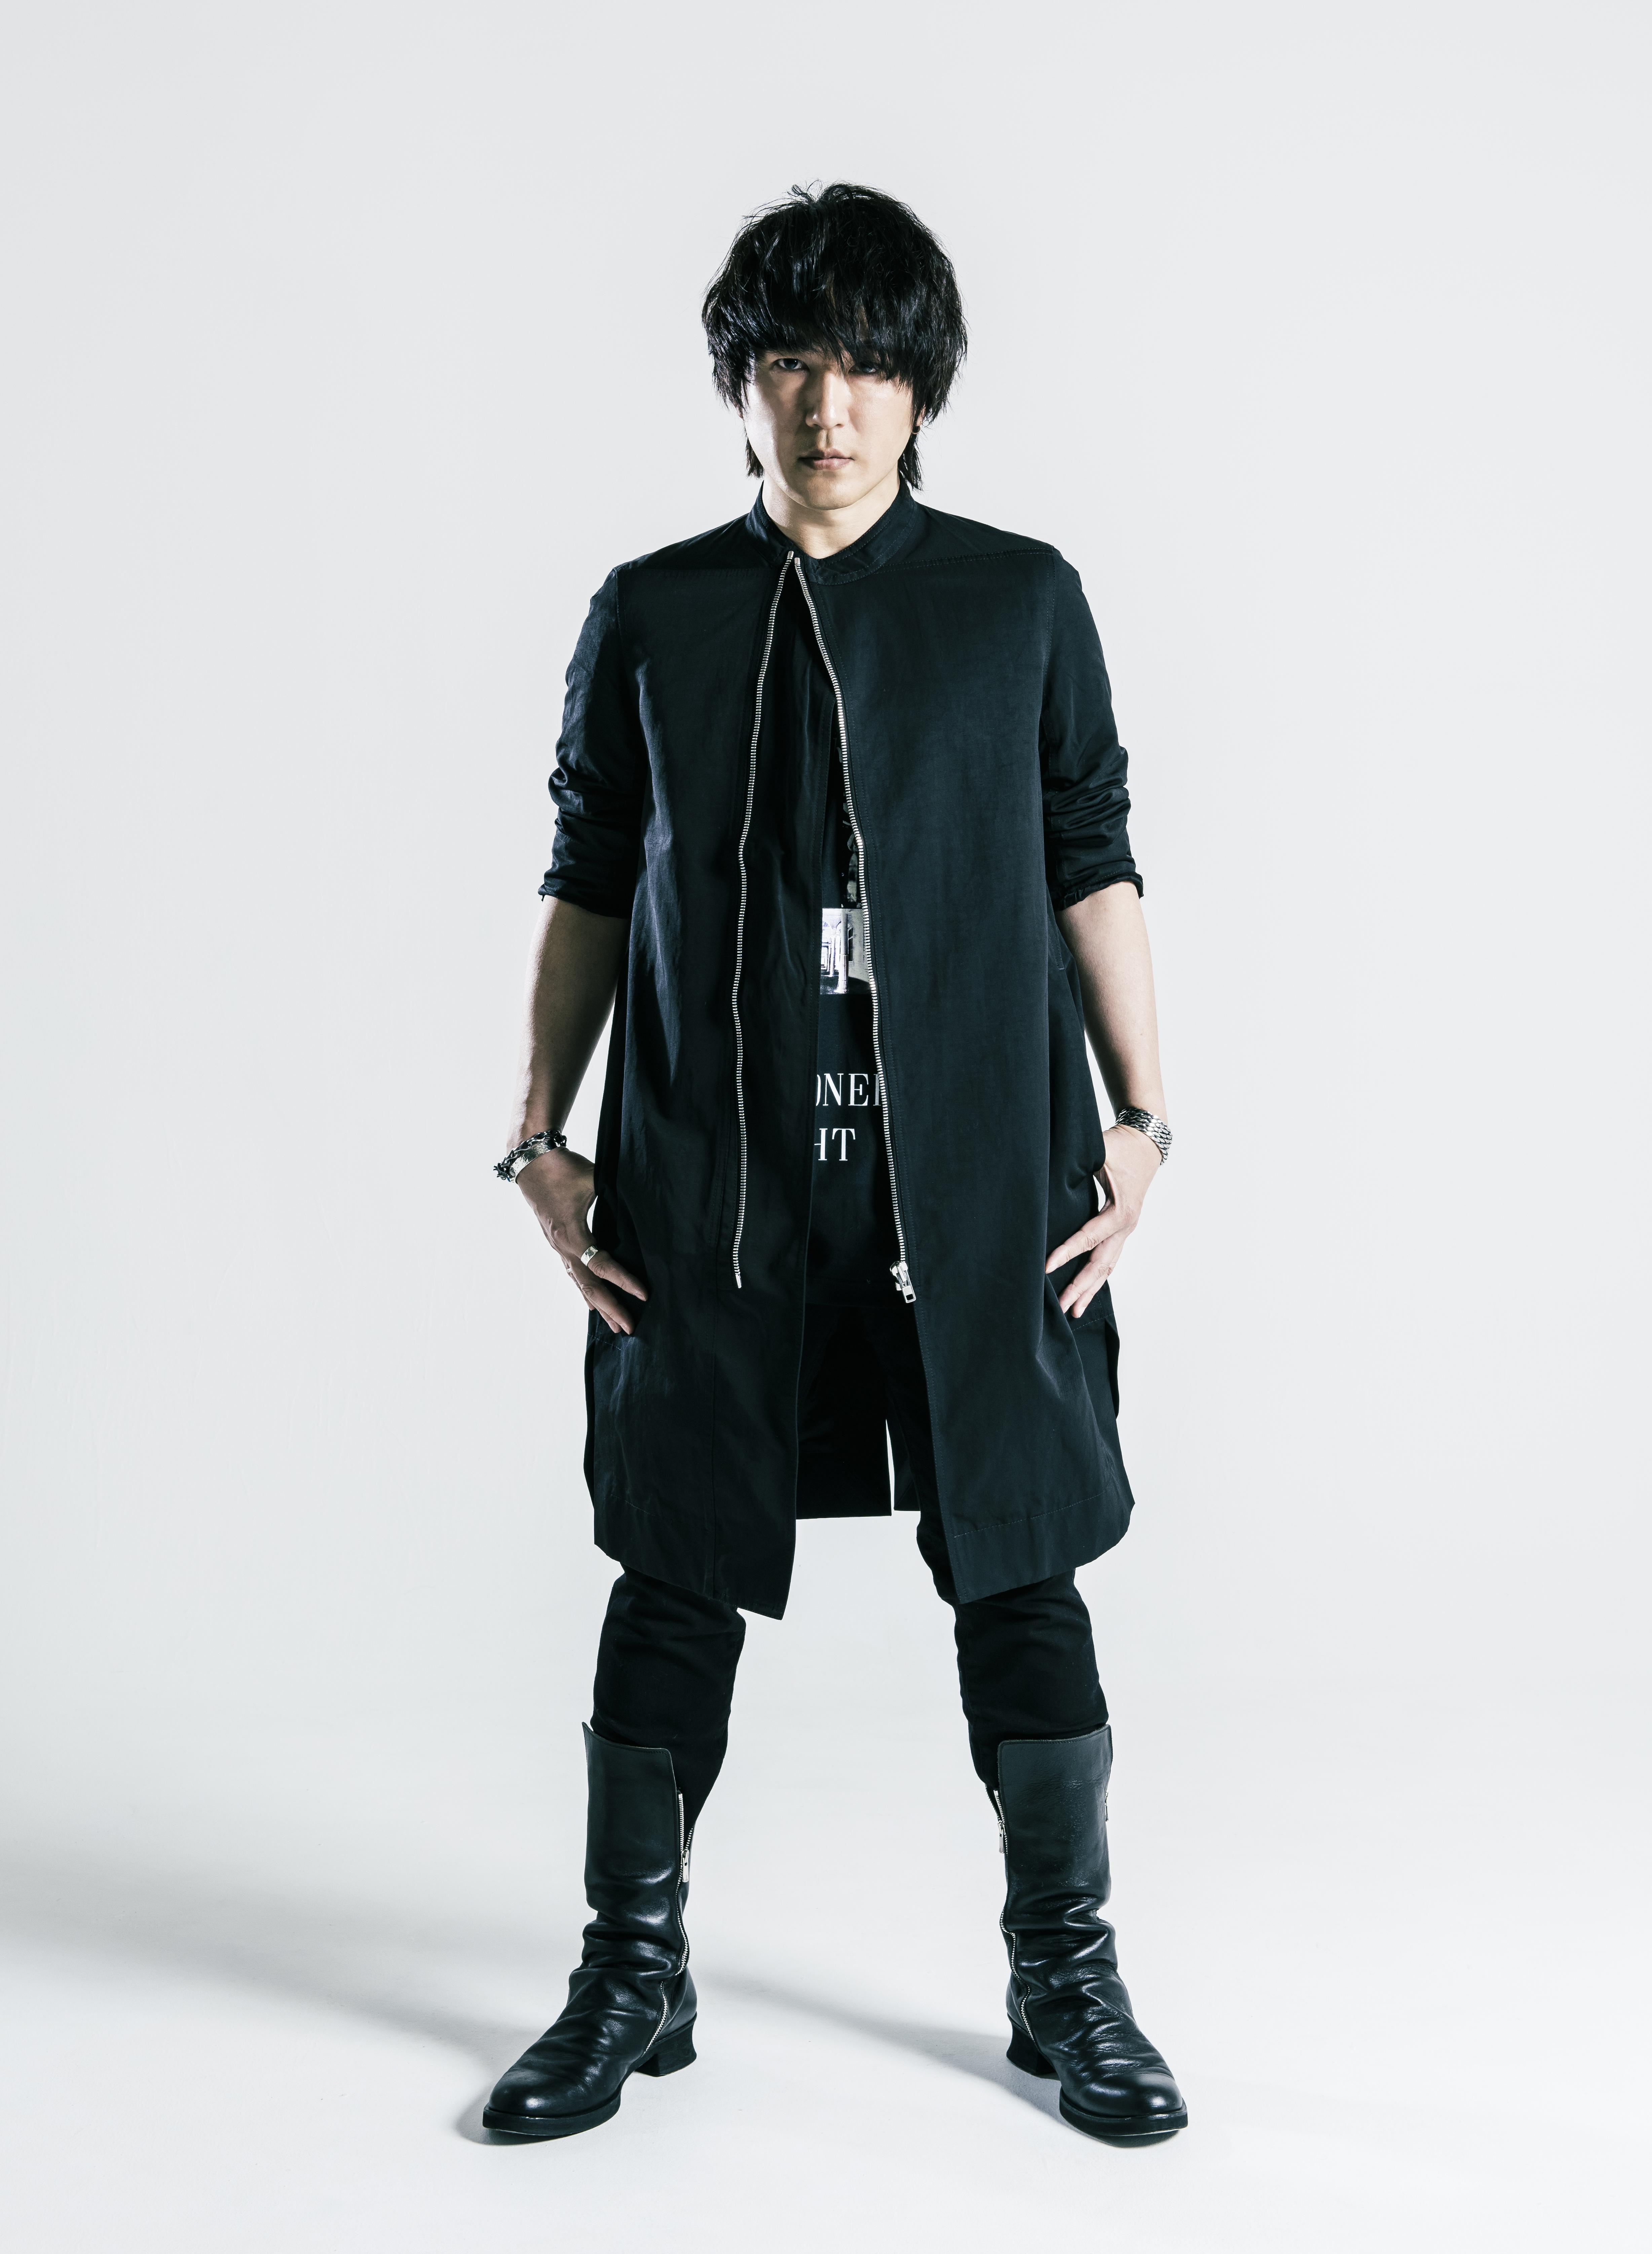 Yoshiharu Shiina LIVE 2018「Ballade」